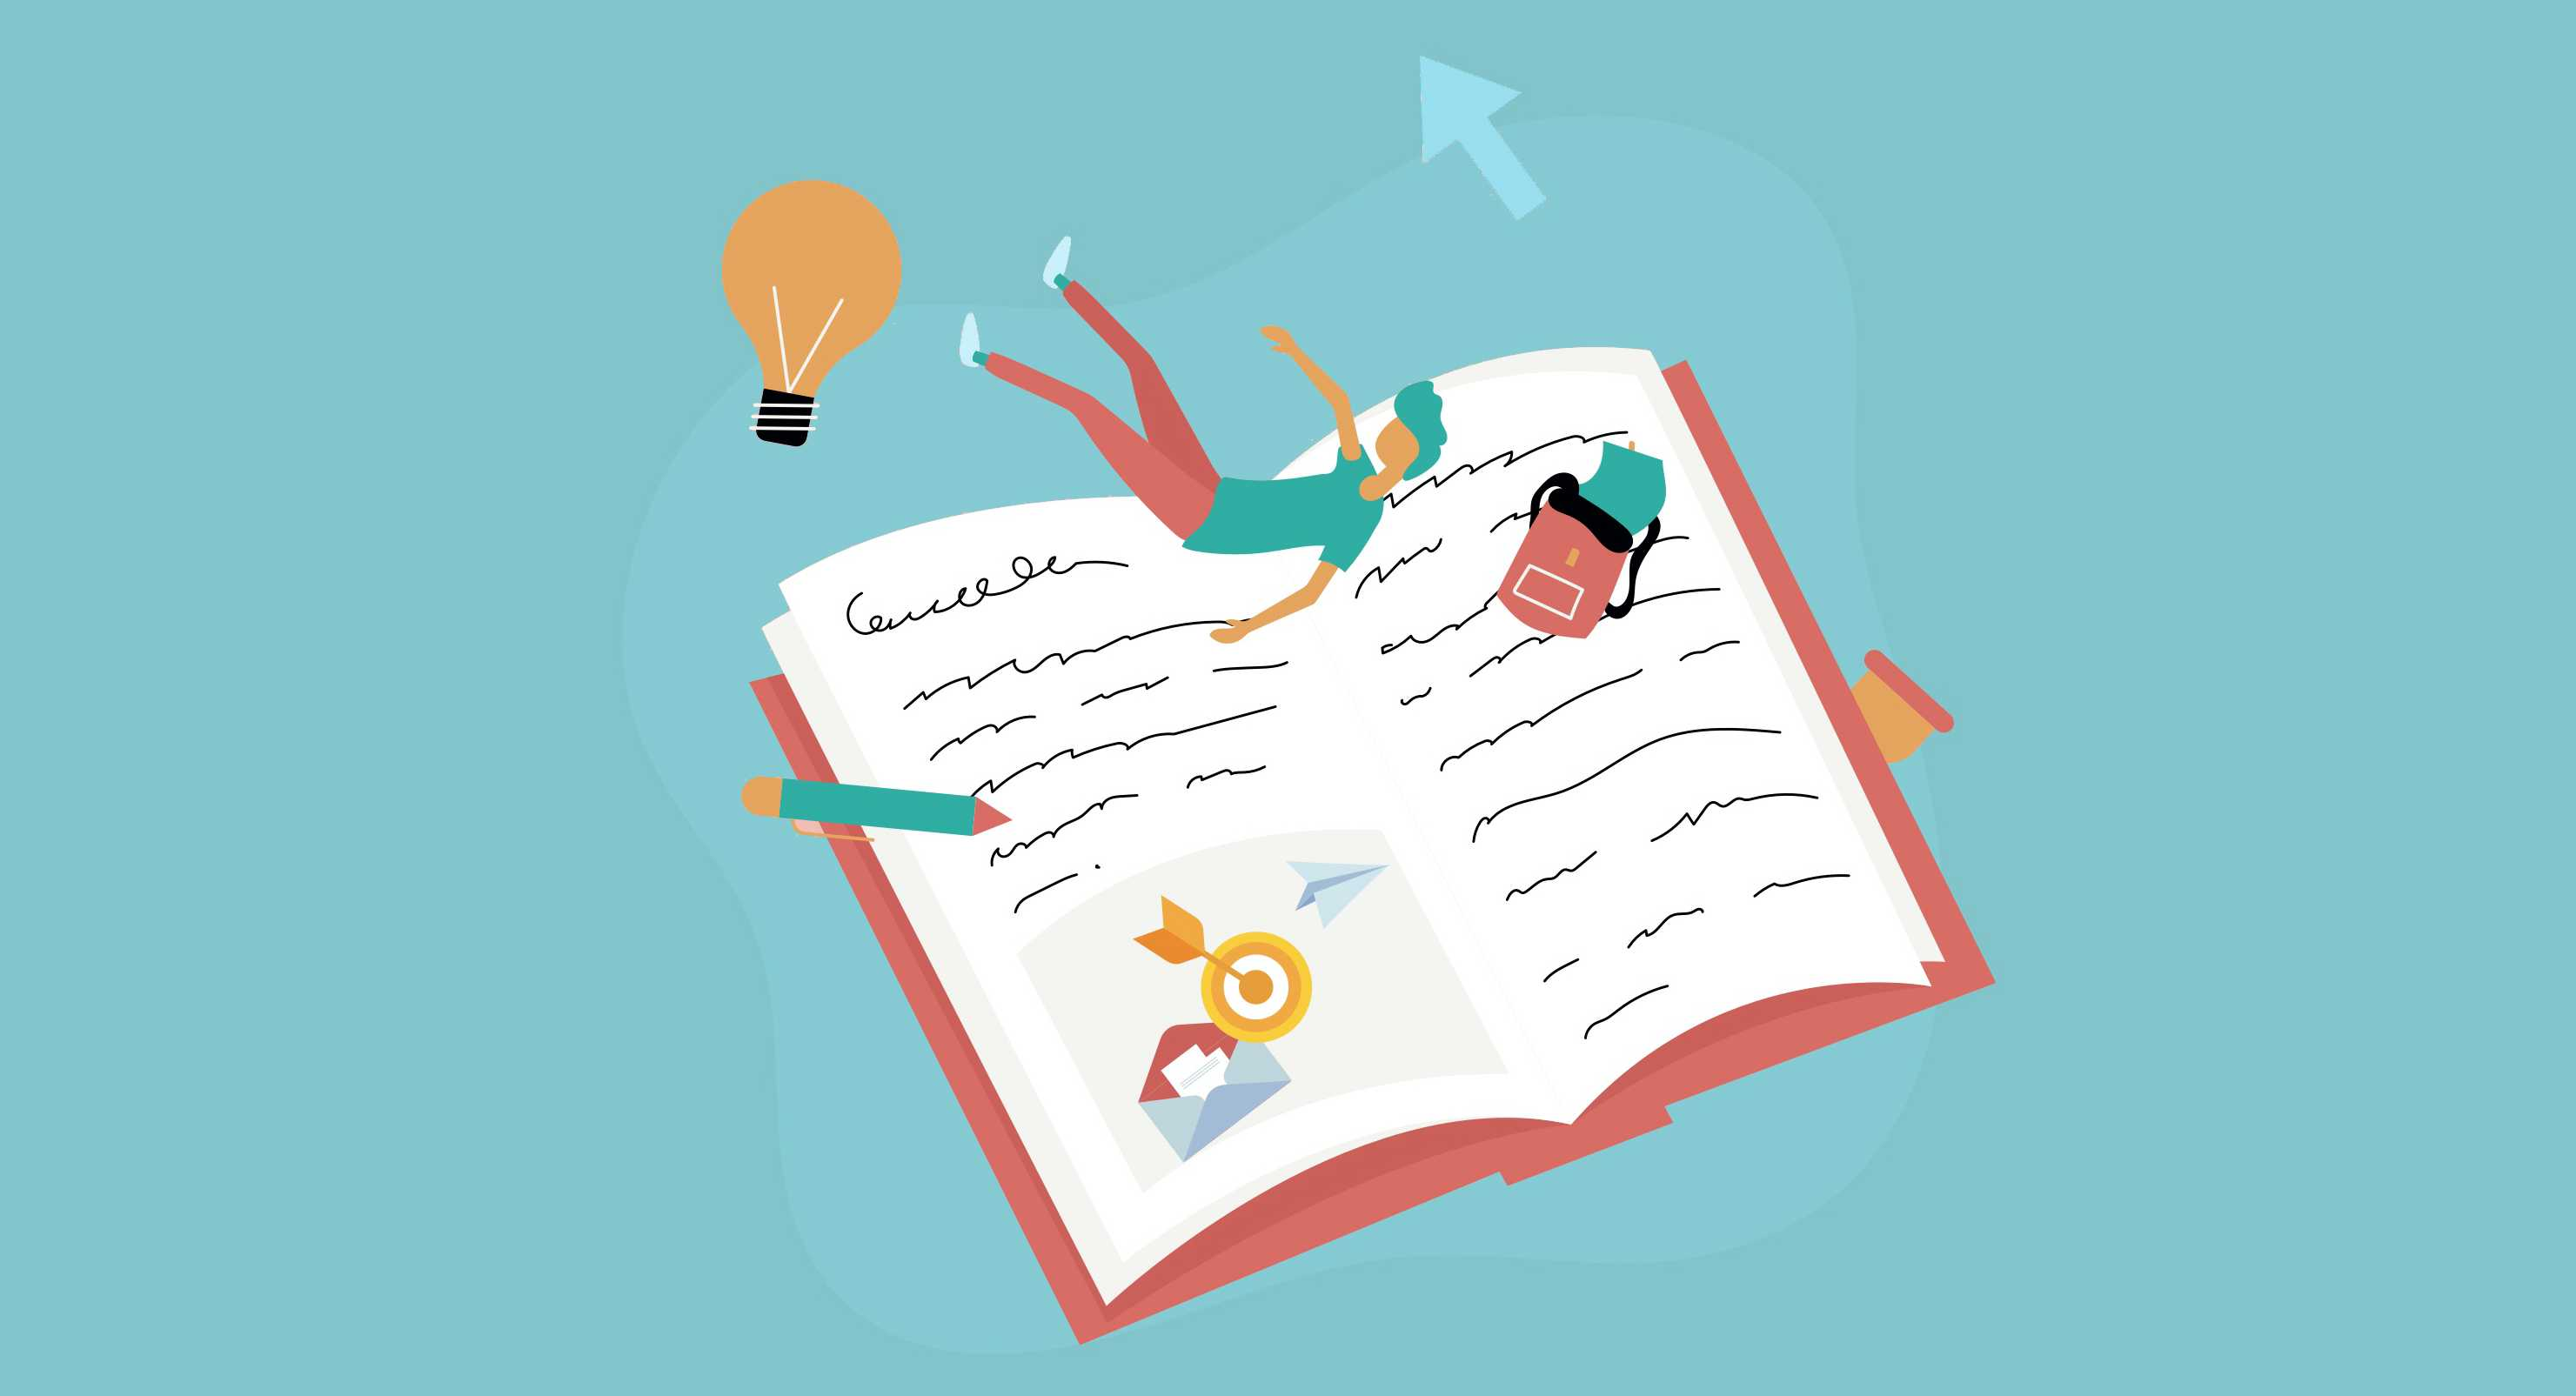 Десяток Книг по Agile, Которые Точно Понадобятся Менеджеру Проекта в 2020 Году